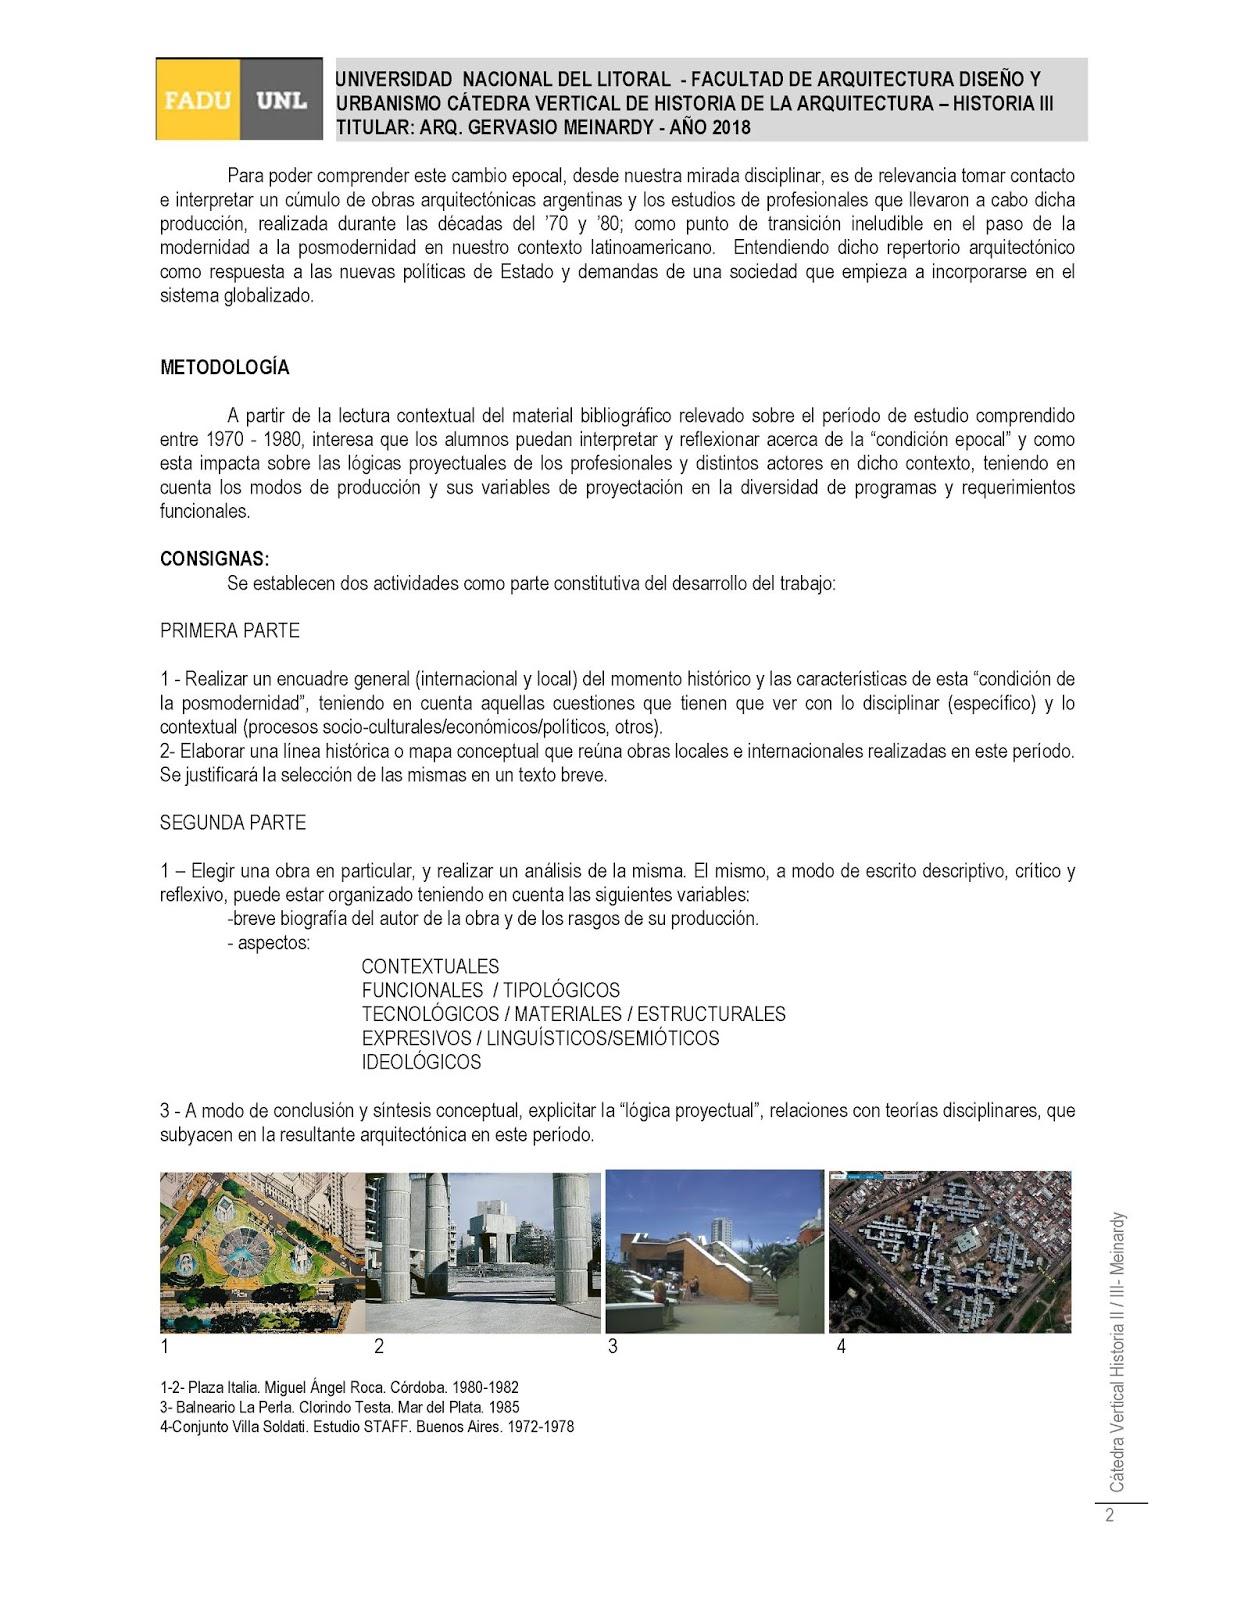 Historia II / III - Tarde - FADU | UNL: HISTORIA III - TP N° 3